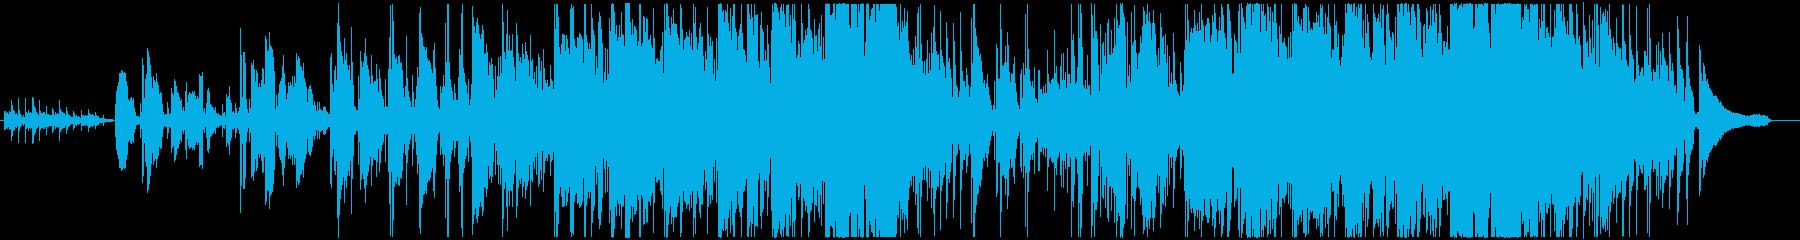 声の再生済みの波形